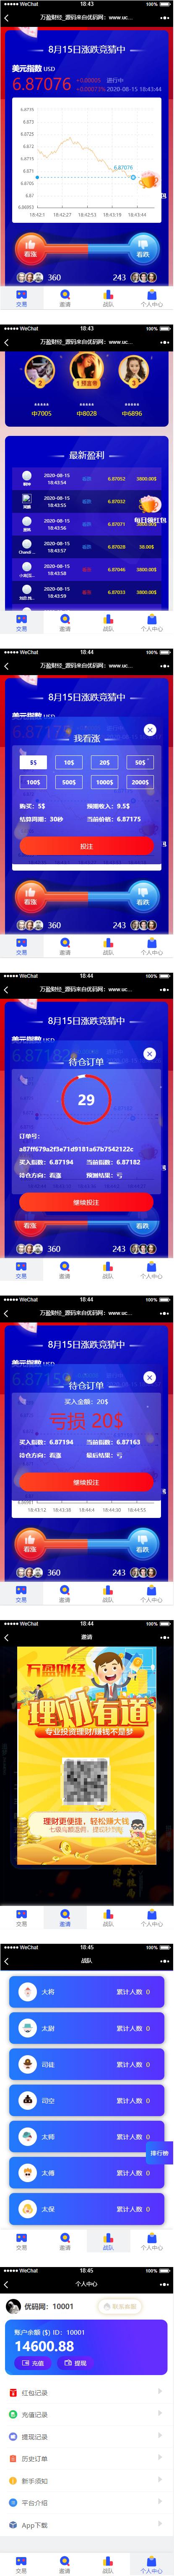 【USDT指数涨跌】蓝色UI二开币圈万盈财经币圈源码 K线正常 第2张